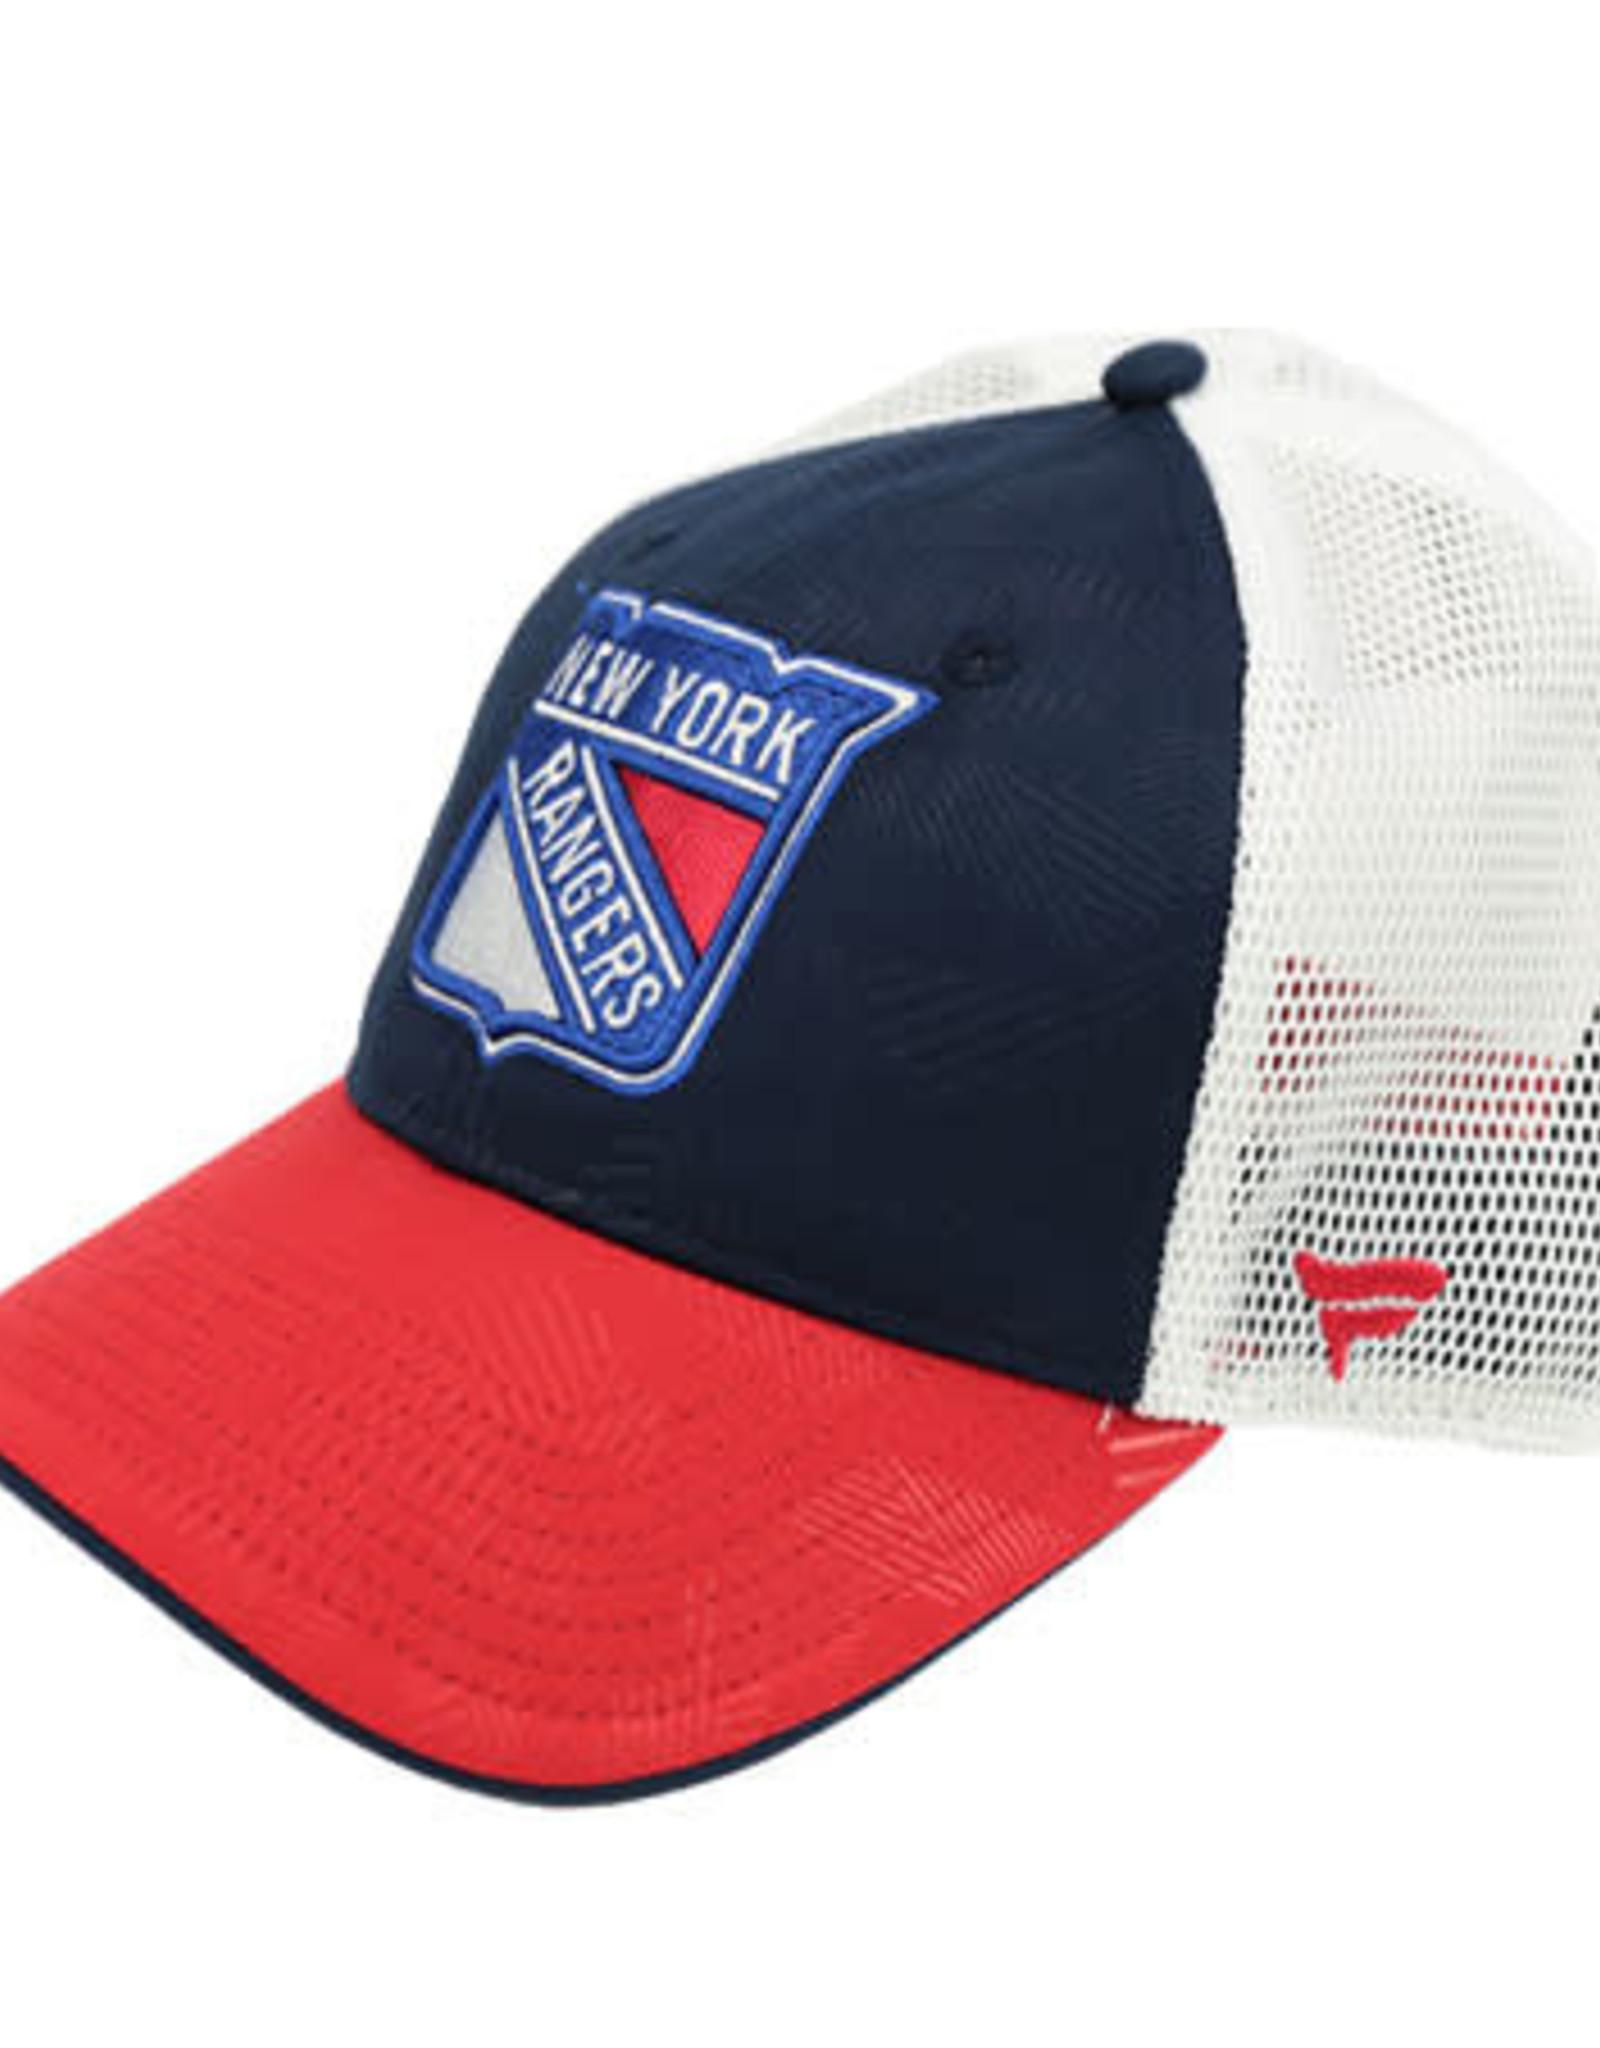 Trucker Adjustable Cap New York